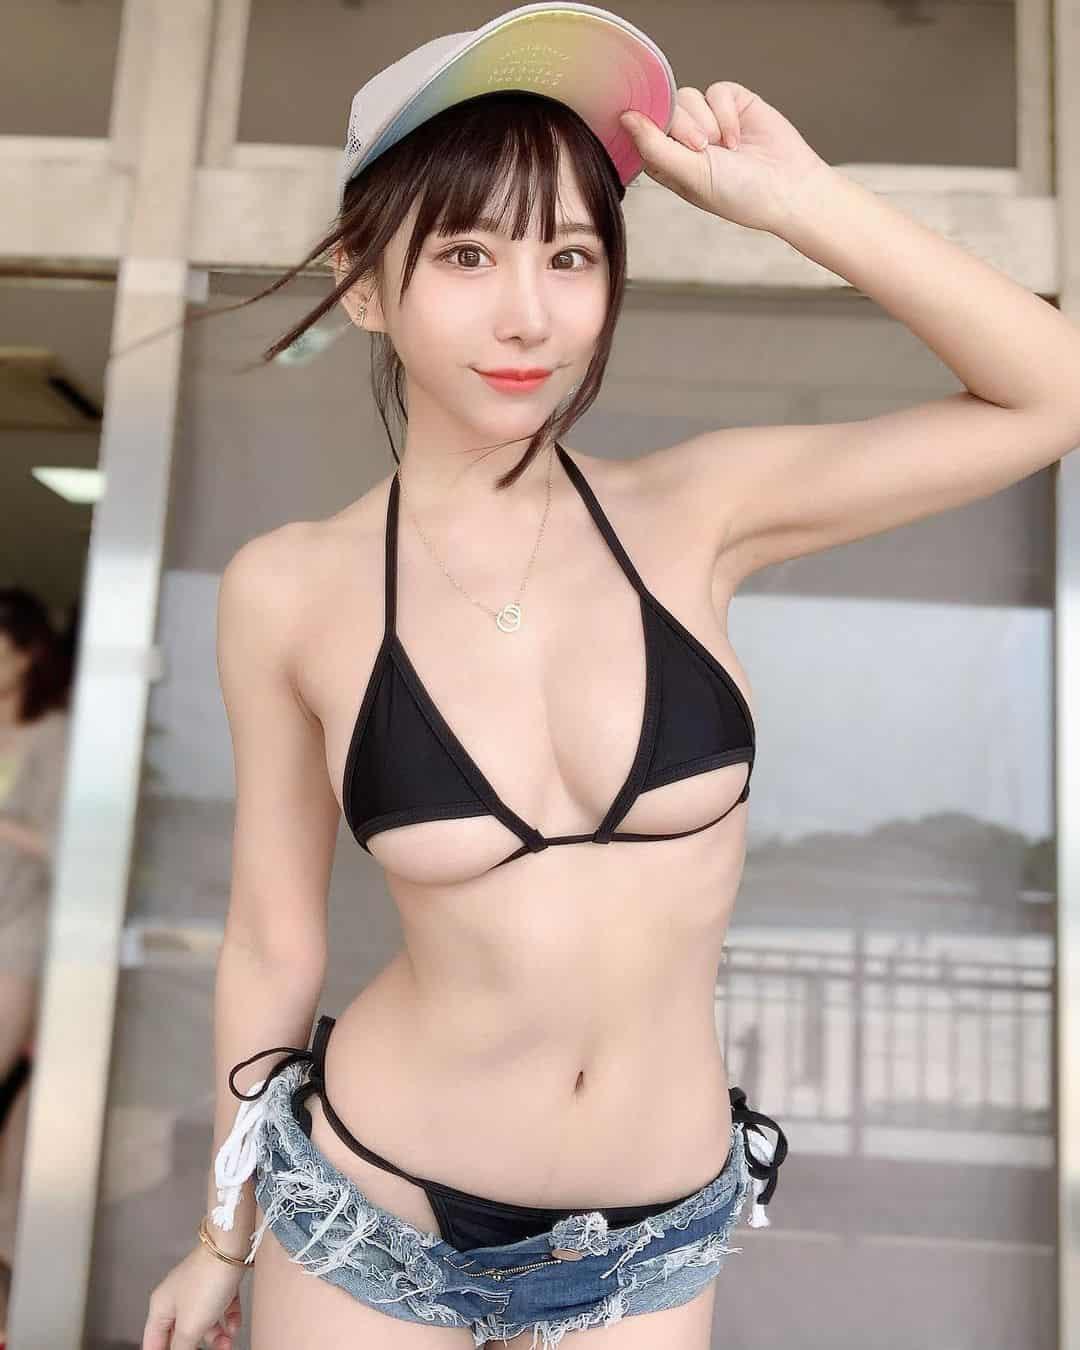 《IG》每日大師級美女寫真一番賞6/15,日本小姐姐可愛性感兼具蜜桃奶!